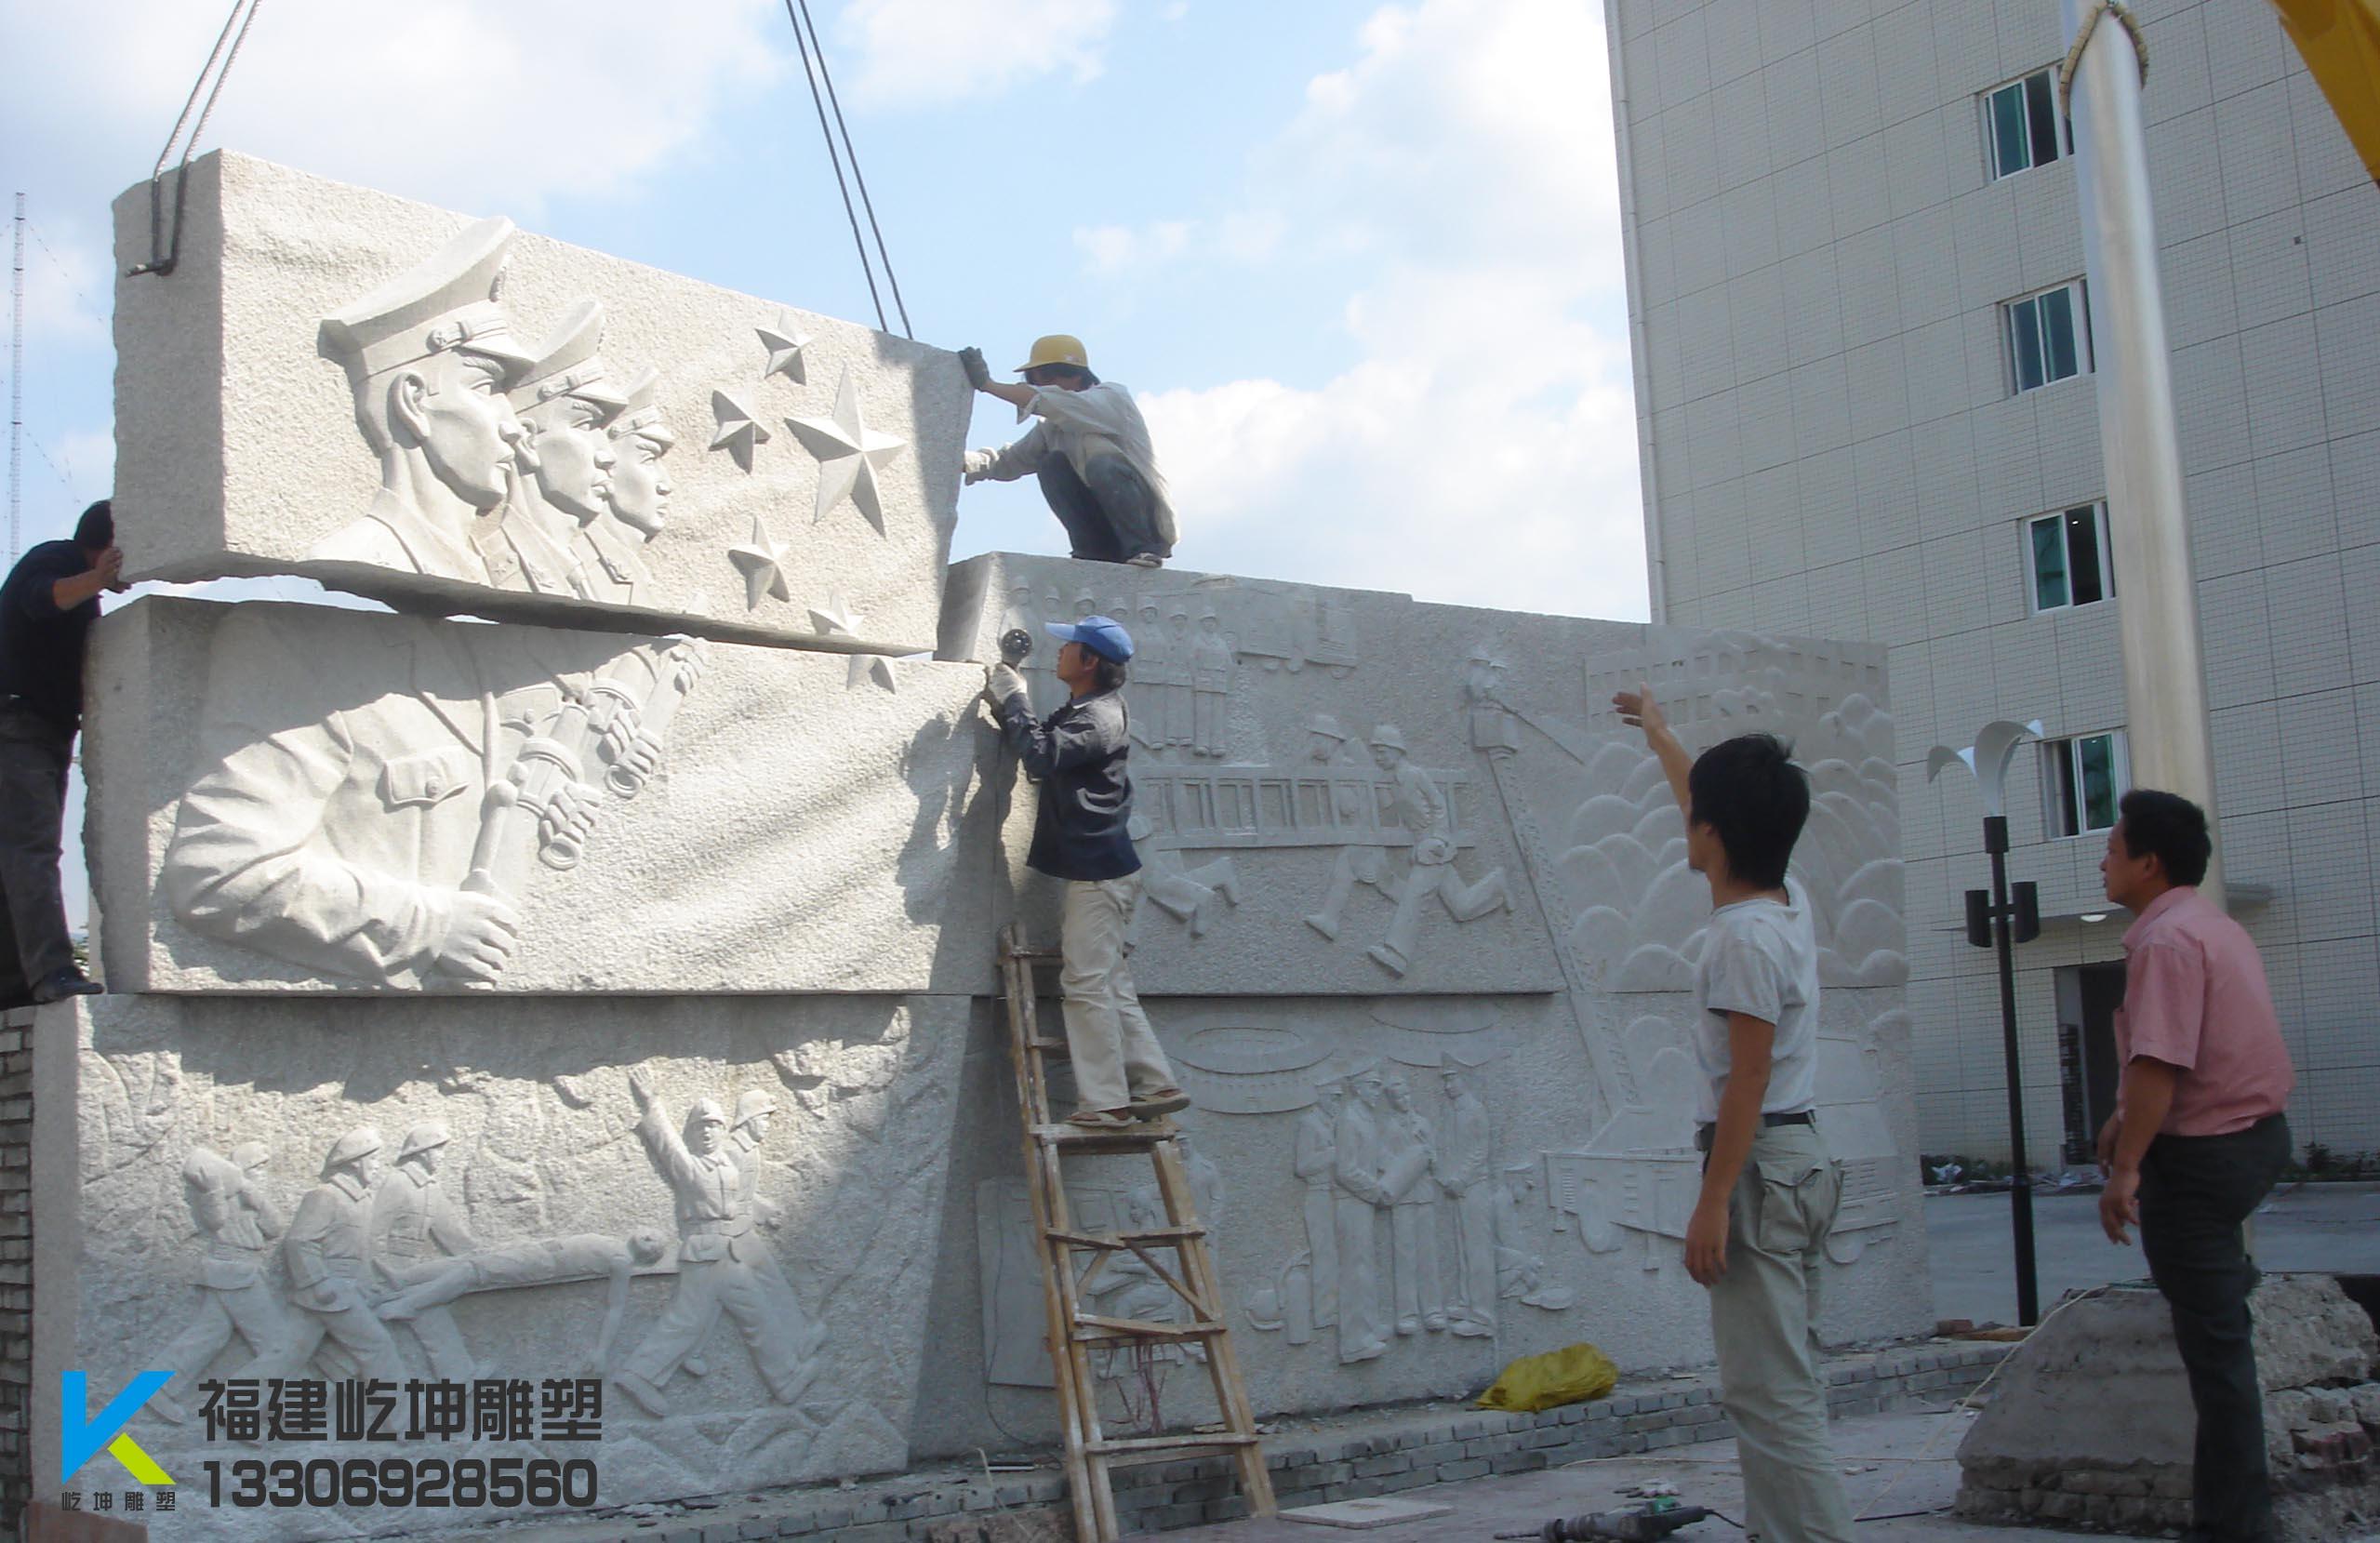 希腊雕塑家手艺运用金属东西进行石材雕琢,大多数运用大理石和石灰石.